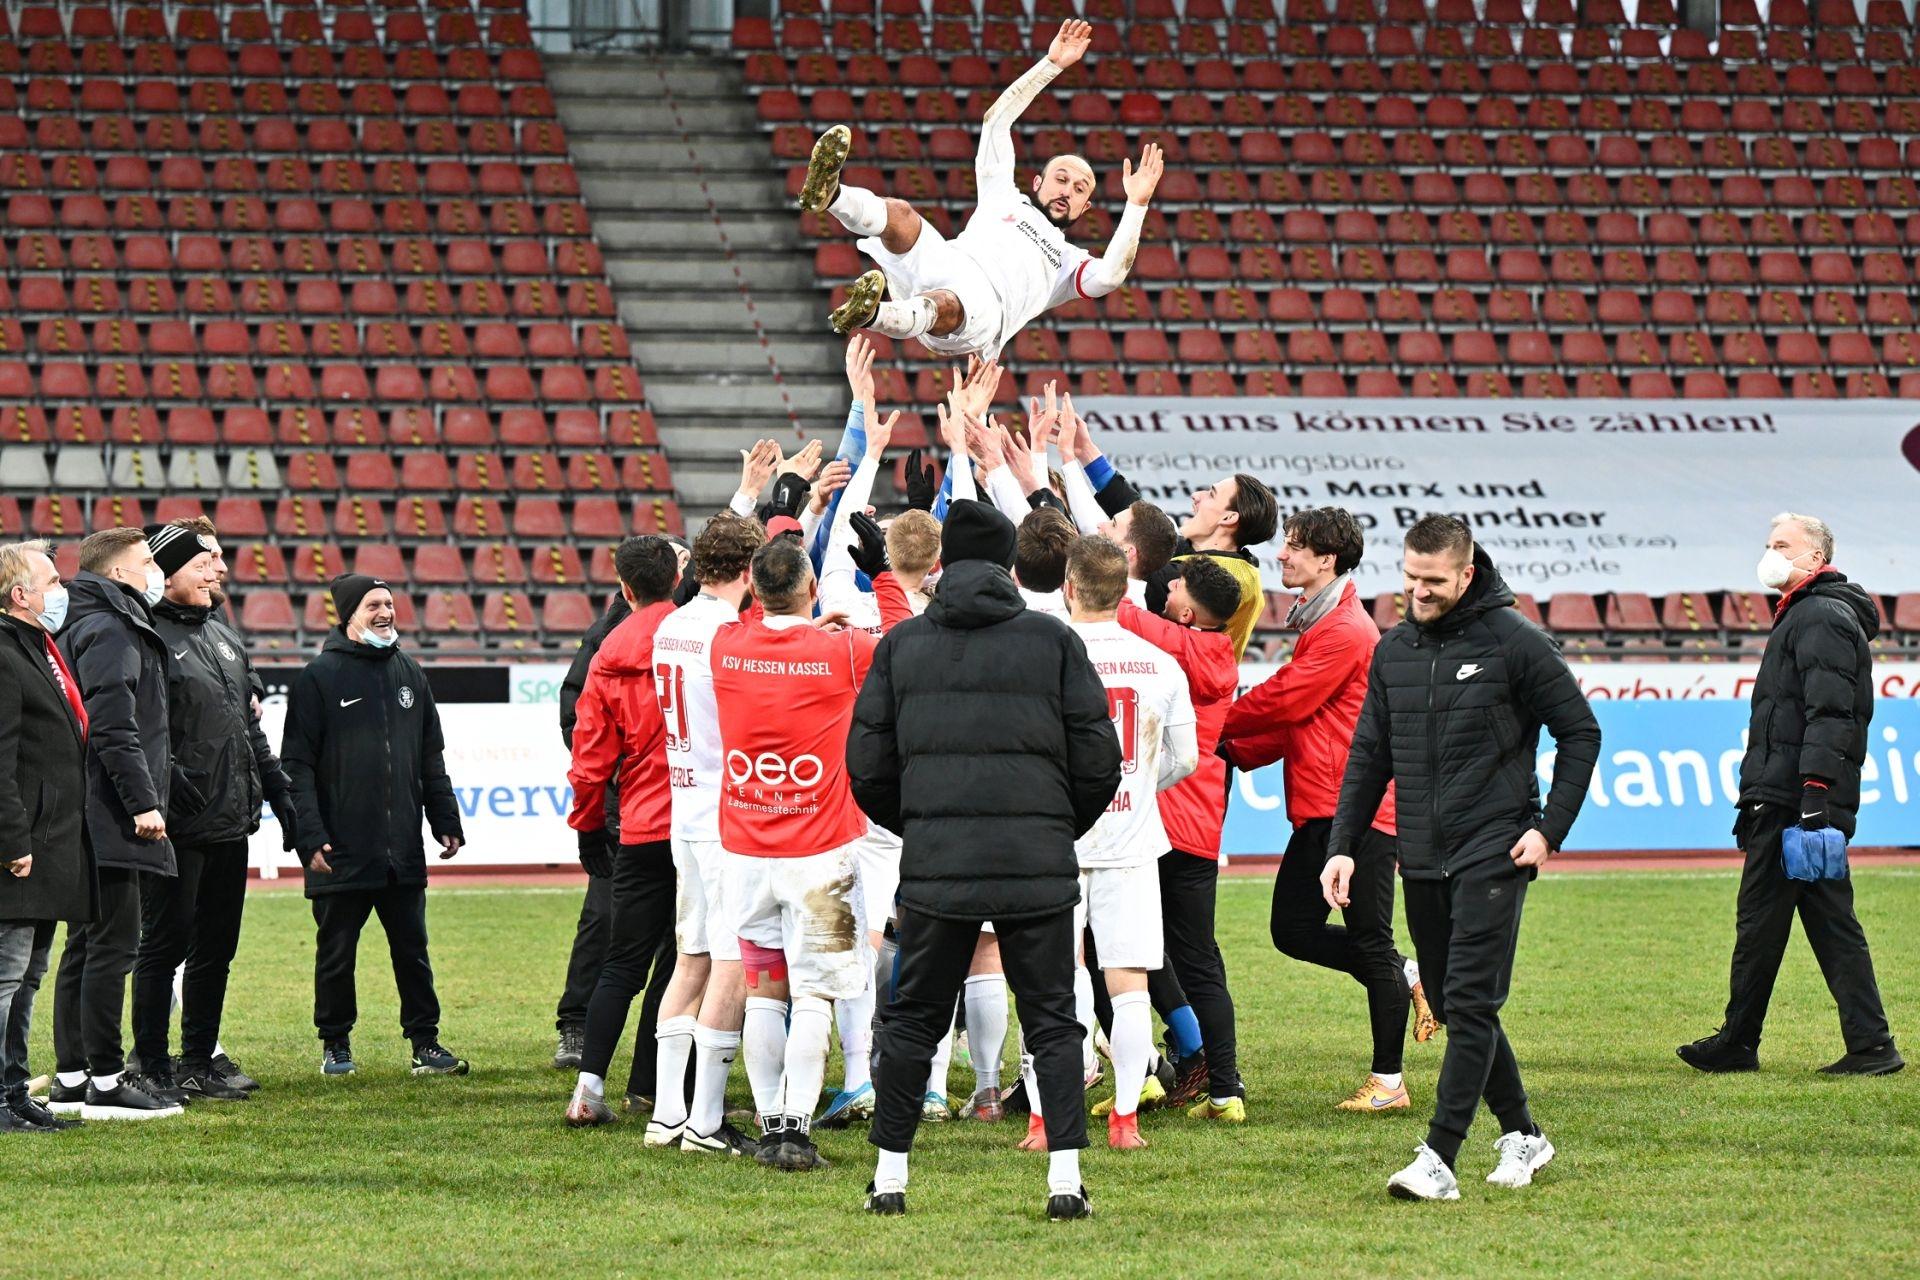 Regionalliga Südwest 2020/21, KSVHessen Kassel, TSV Steinbach Haiger, Endstand 2:1, Sergej Evljuskin, Feeir